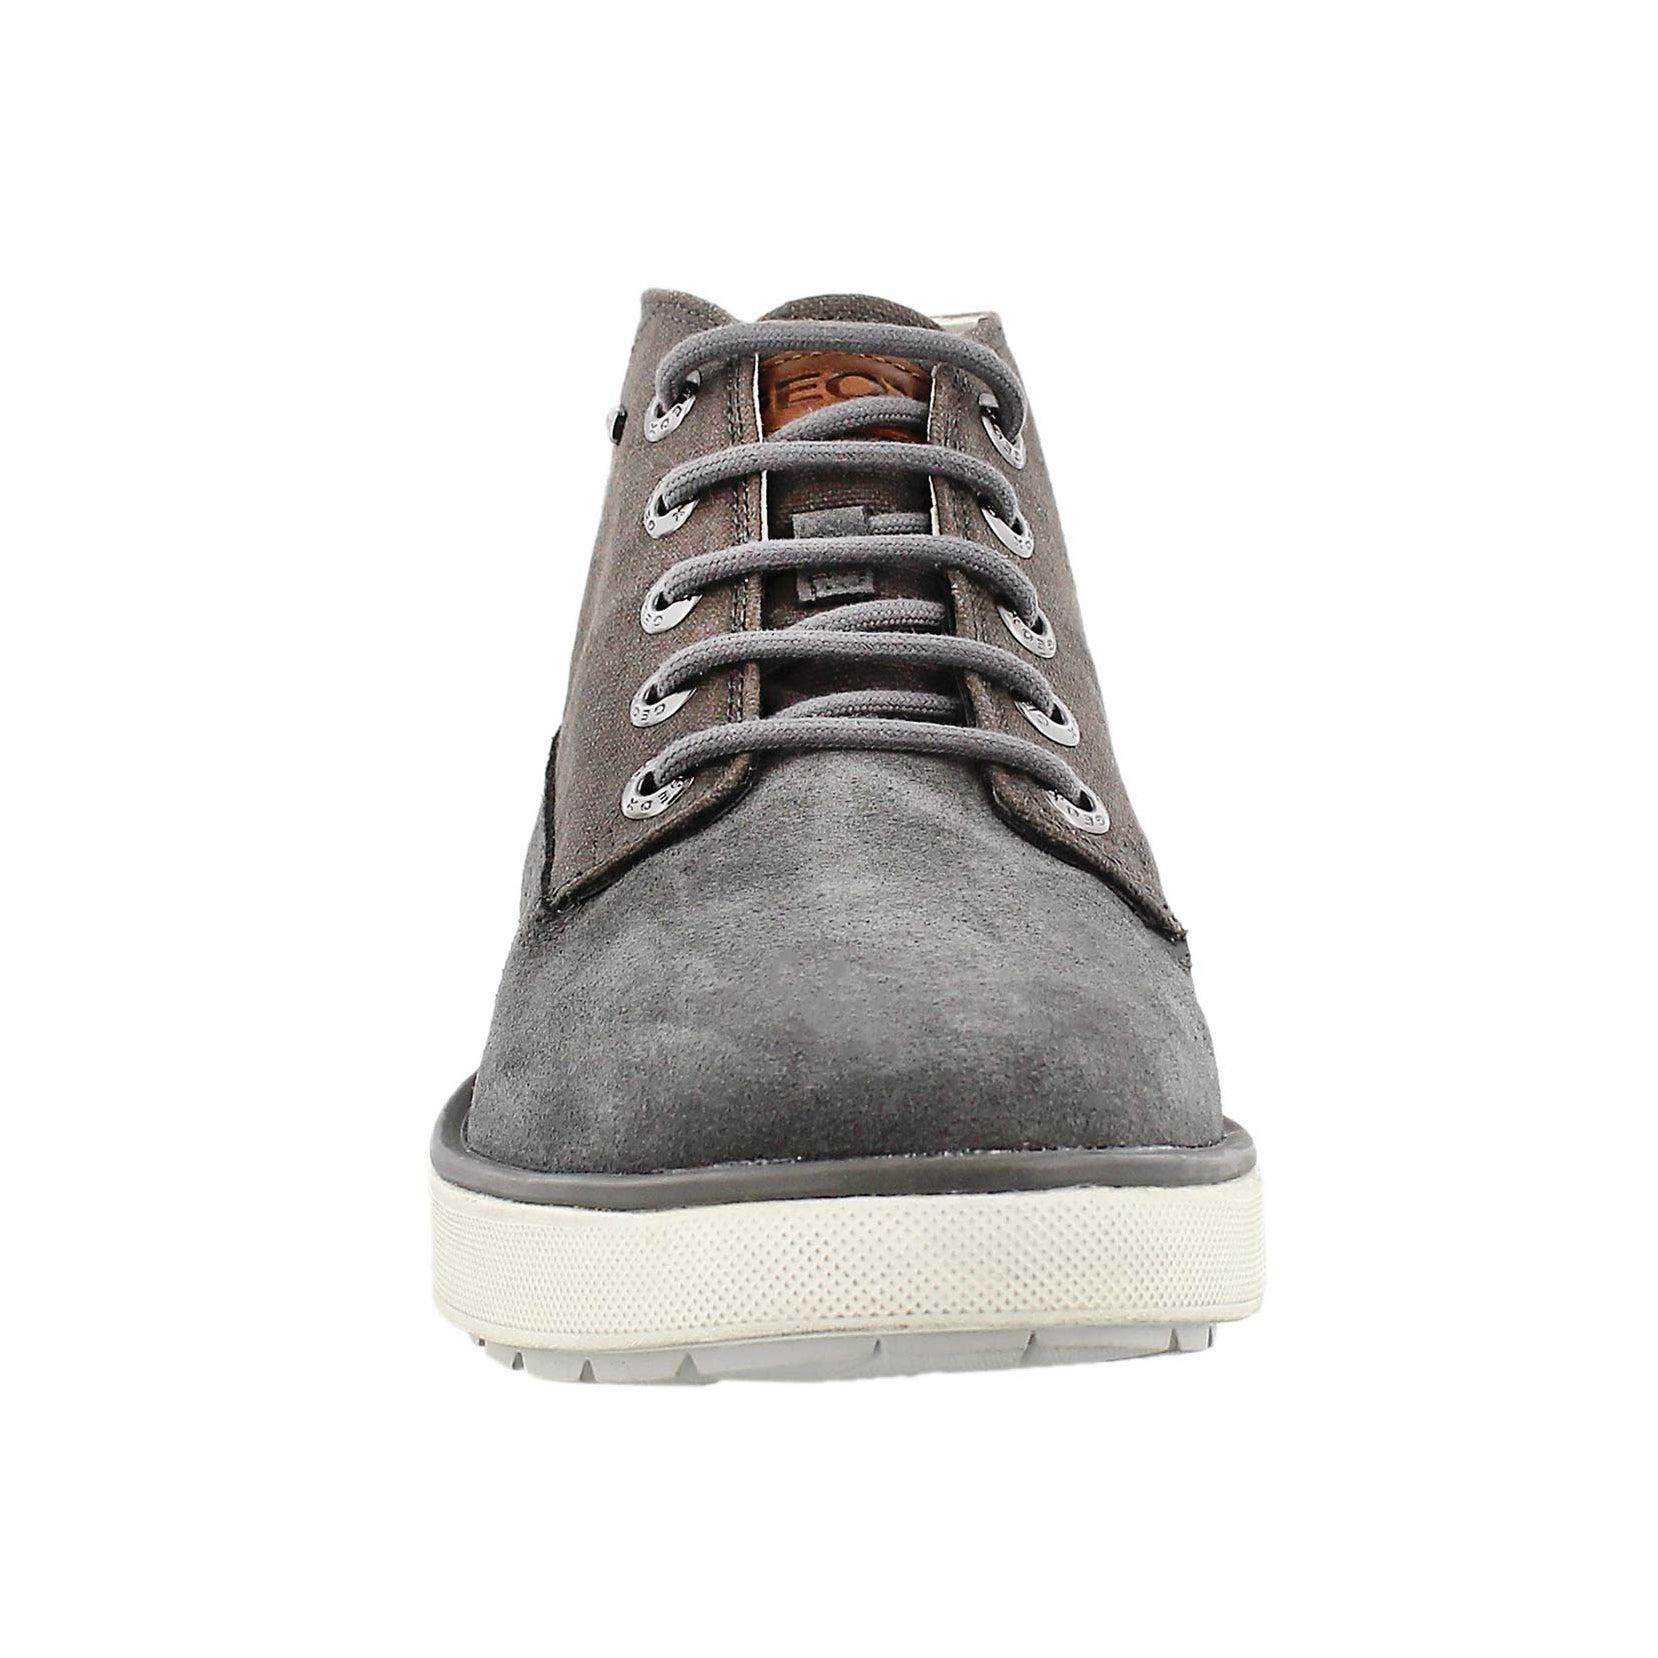 Mns Mattias ABX grey lace up boot